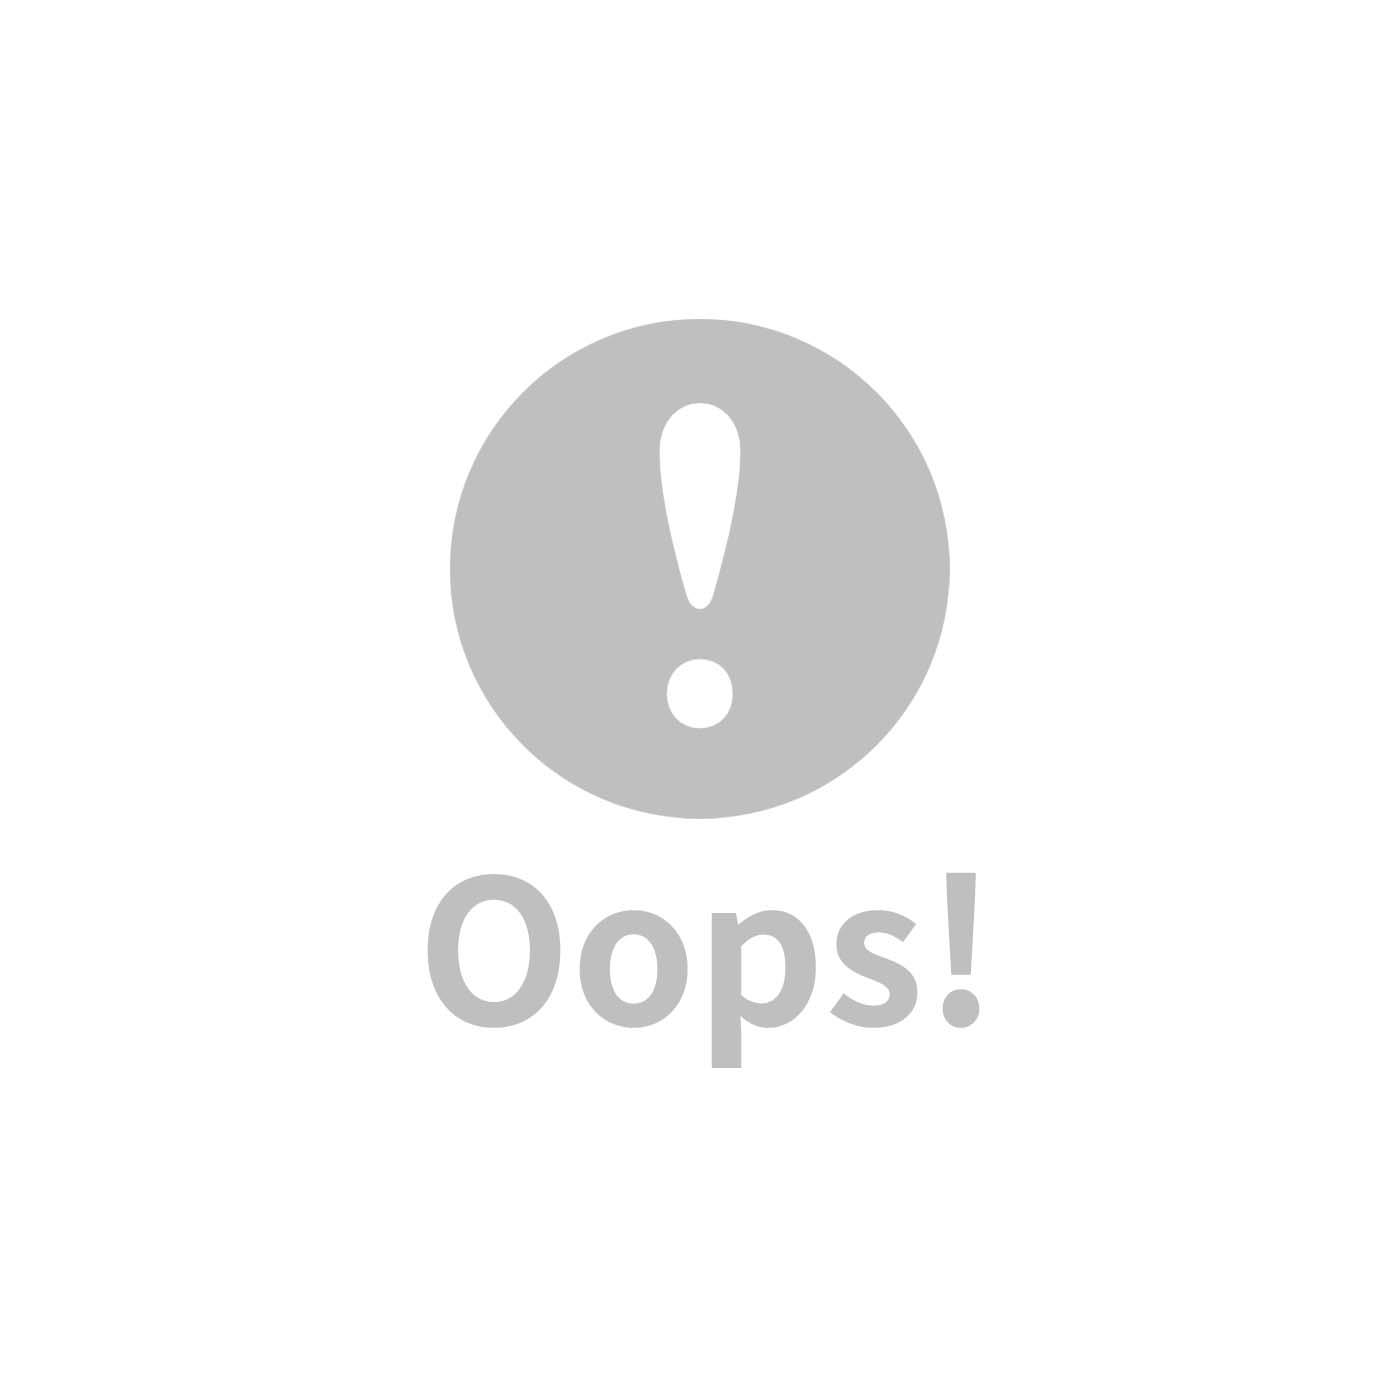 global affairs 童話手工編織安撫搖鈴_動物派對2(小灰象)